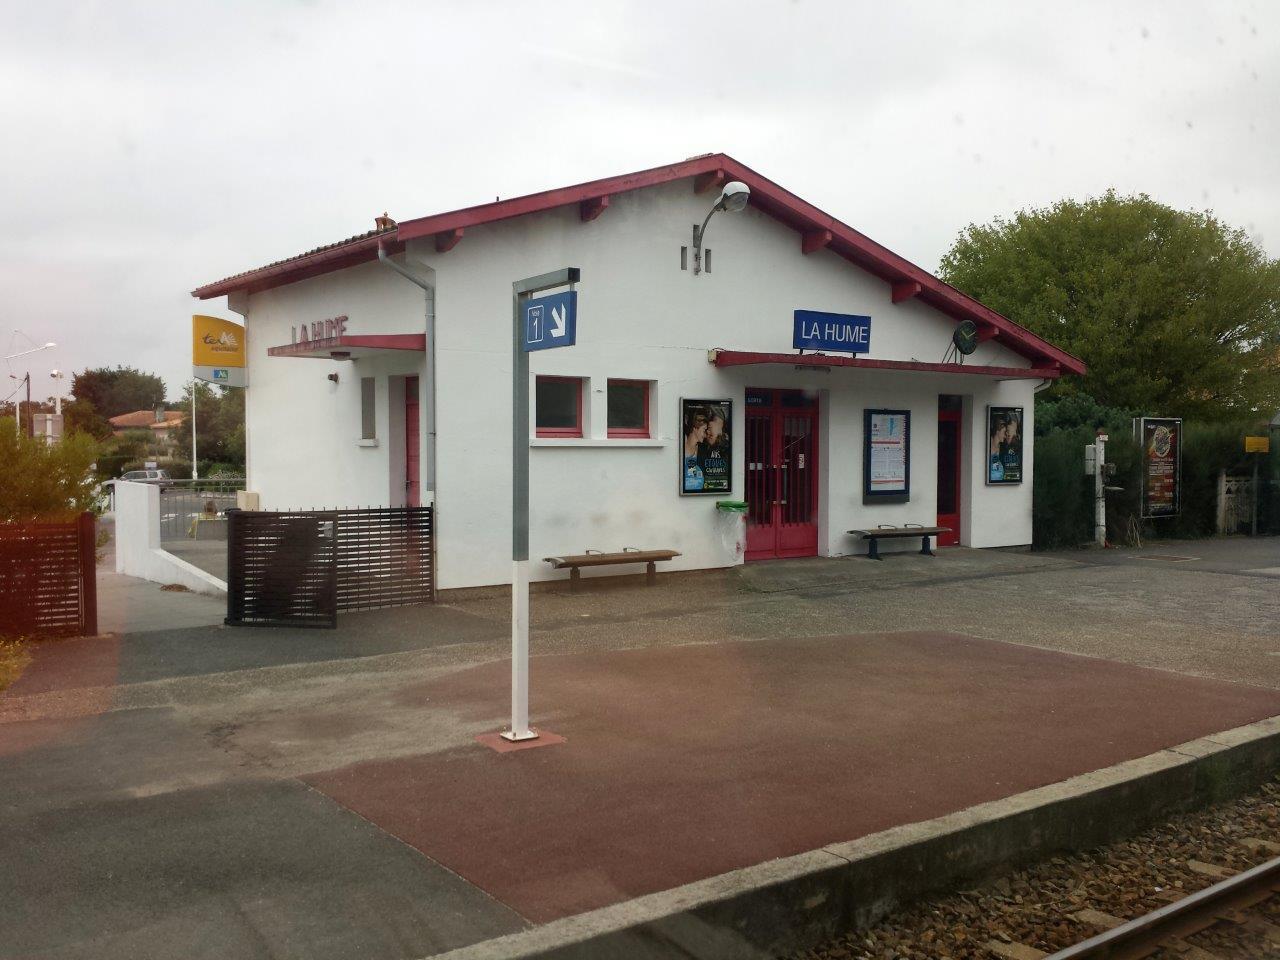 gare-de-la-hume-train-station